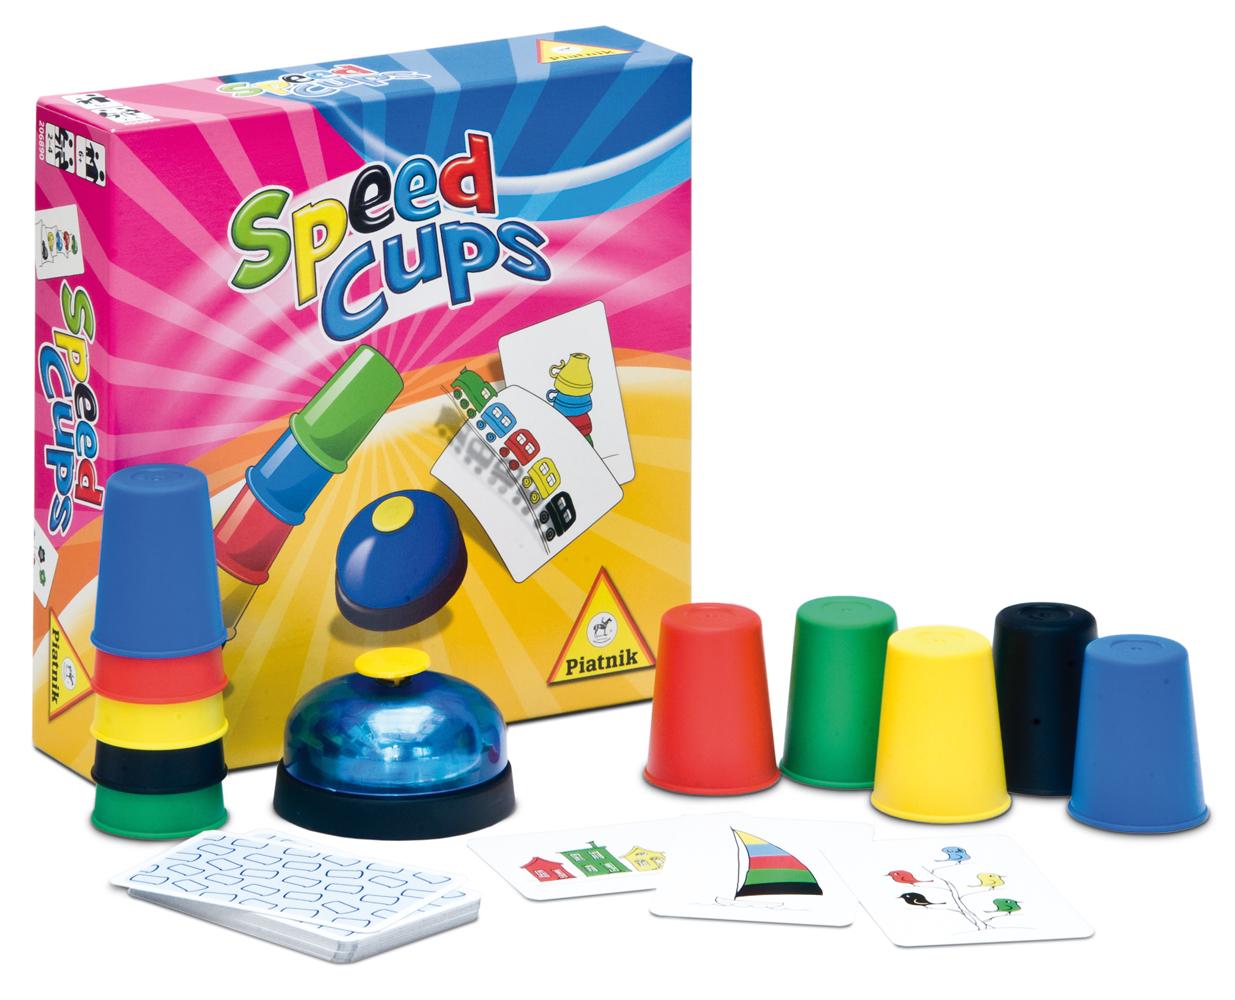 Speed Cups Jeu pour enfants et jeu d'ambiance